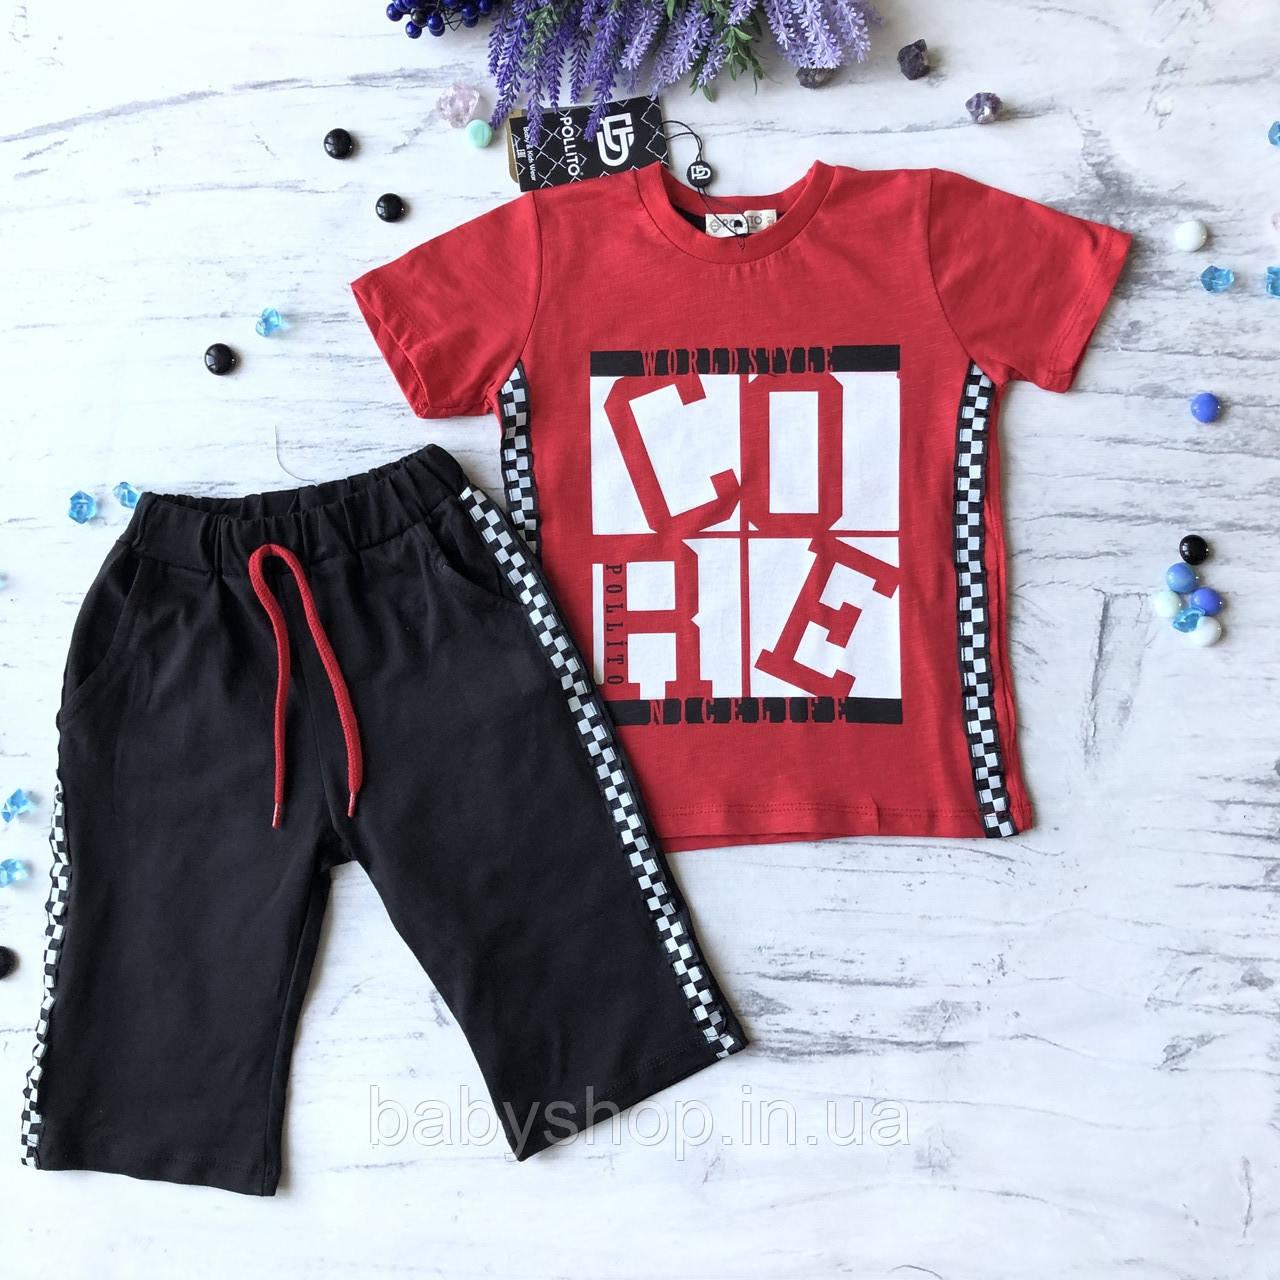 Летний красный  костюм на мальчика 50. Размер 5 лет, 6 лет, 7 лет, 8 лет